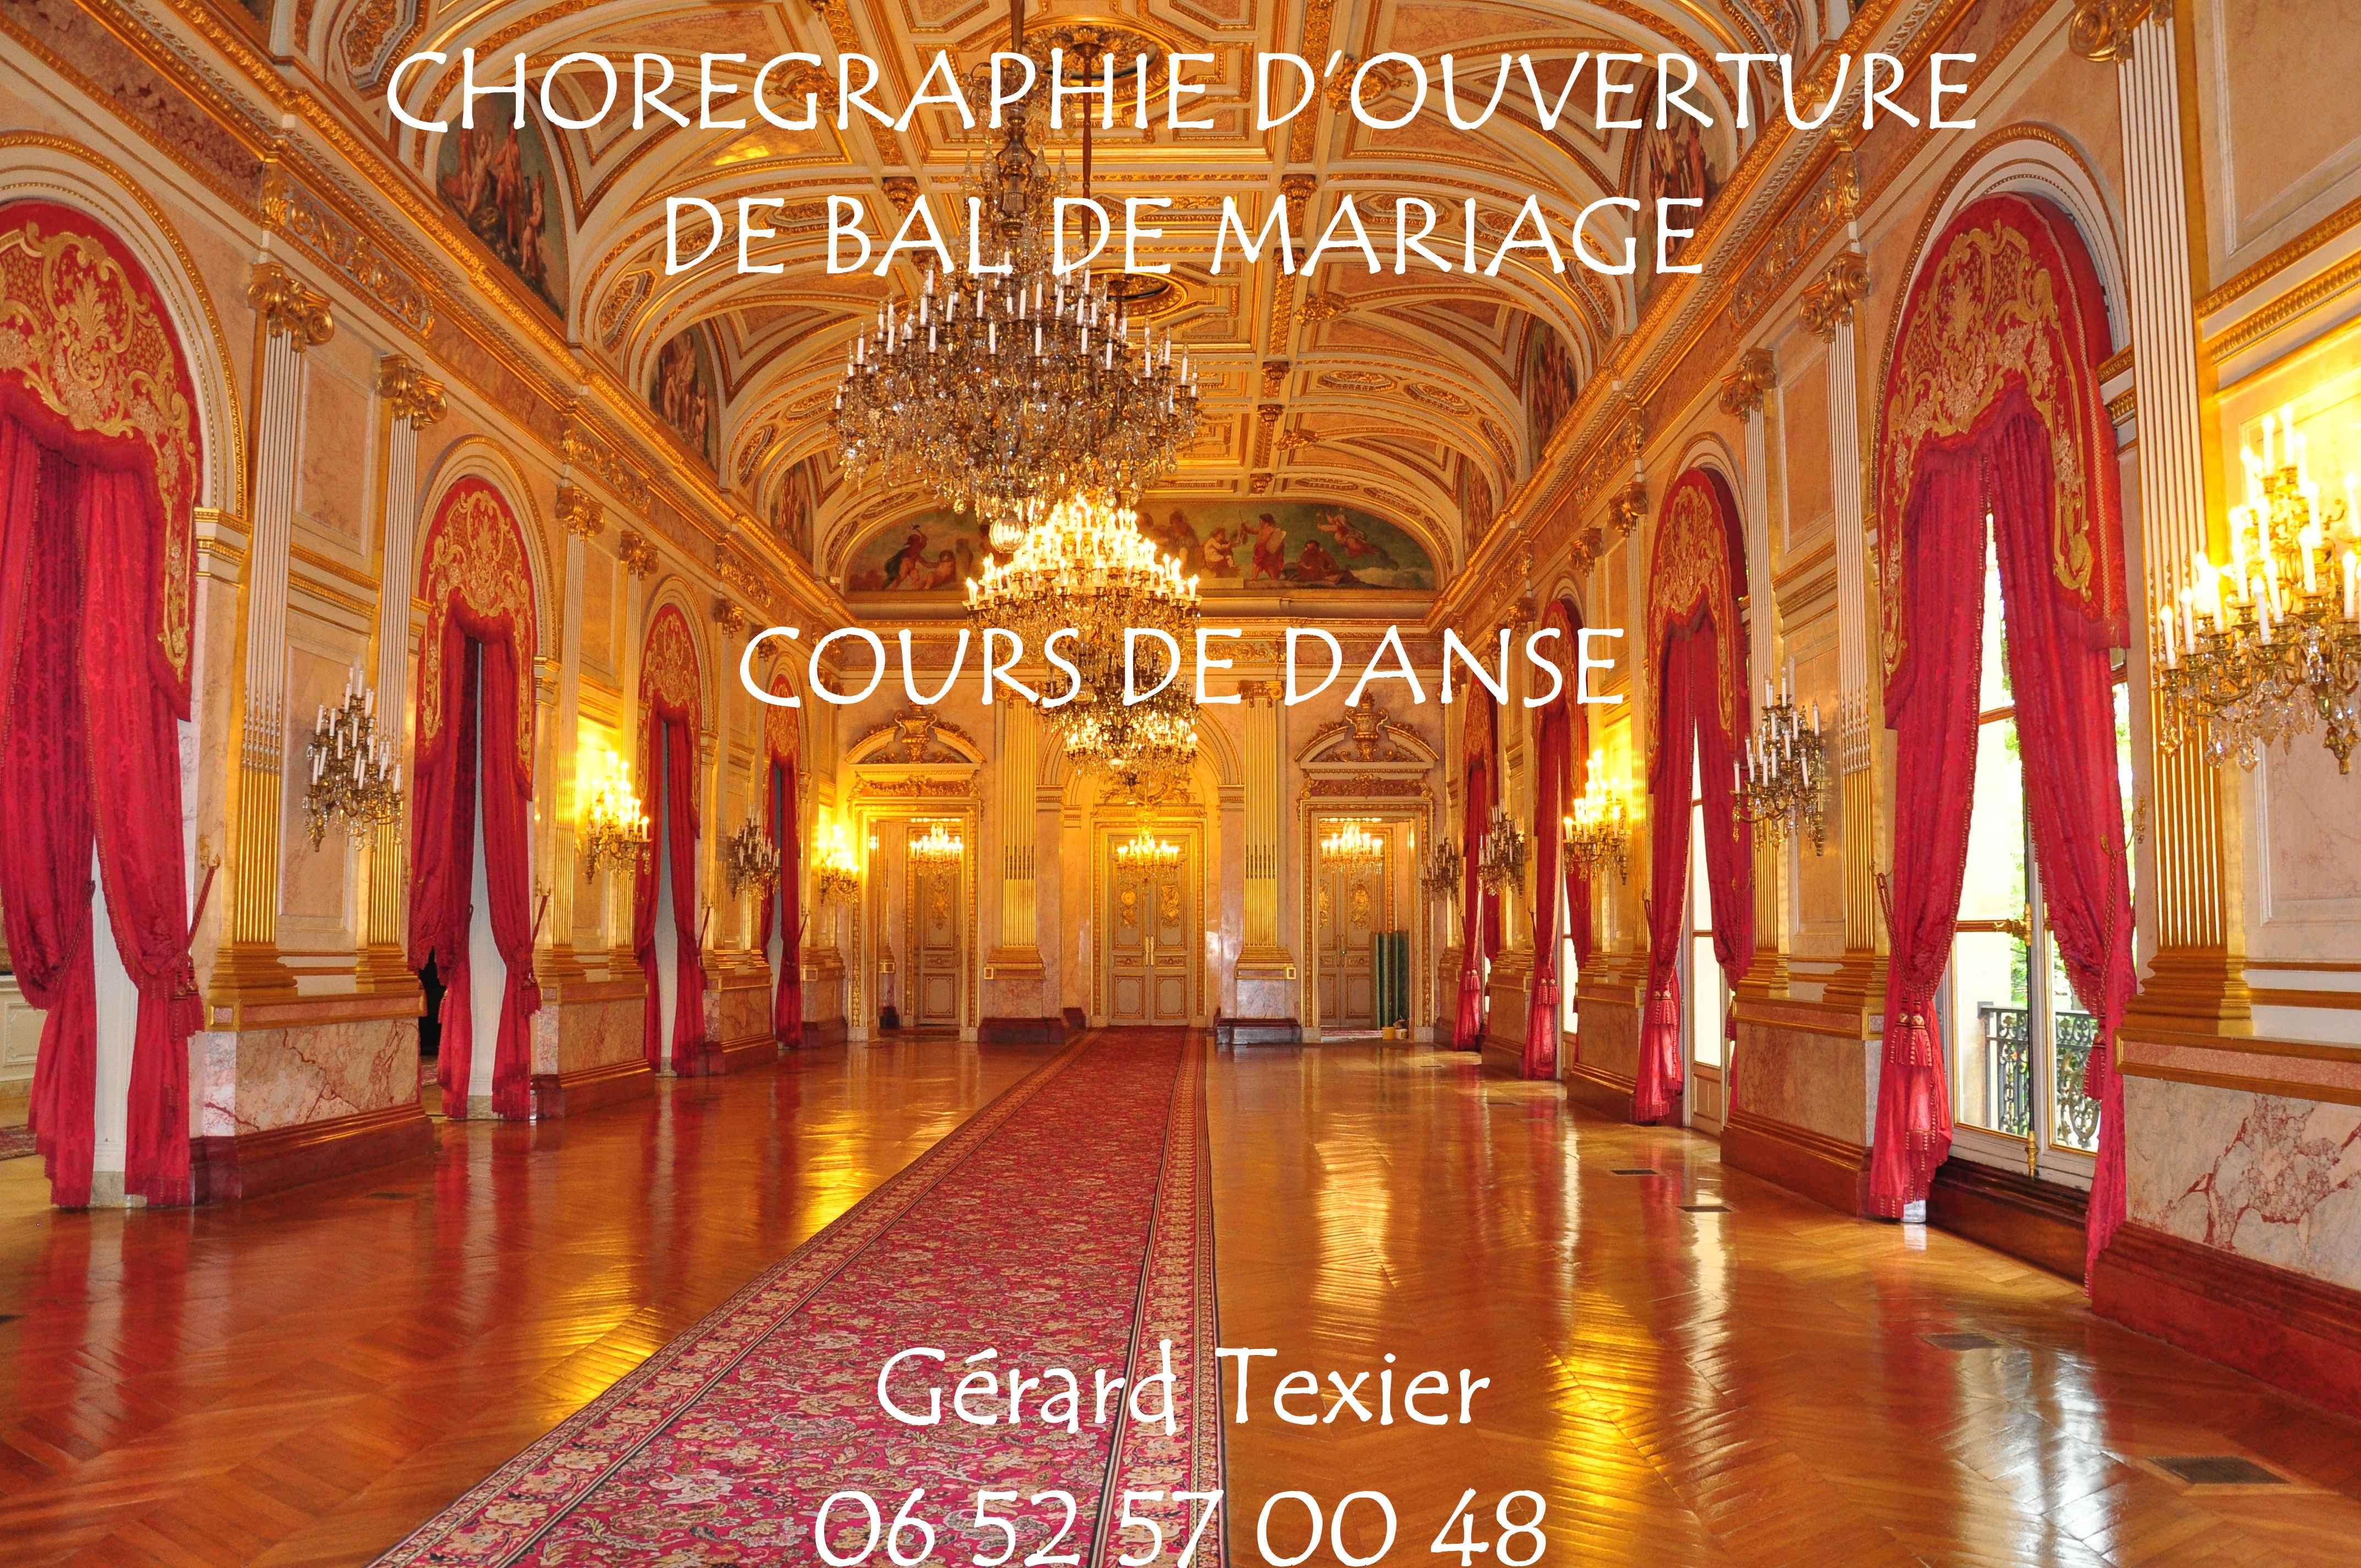 ouverture bal mariage cours danses - Valse Pour Ouverture De Bal Mariage